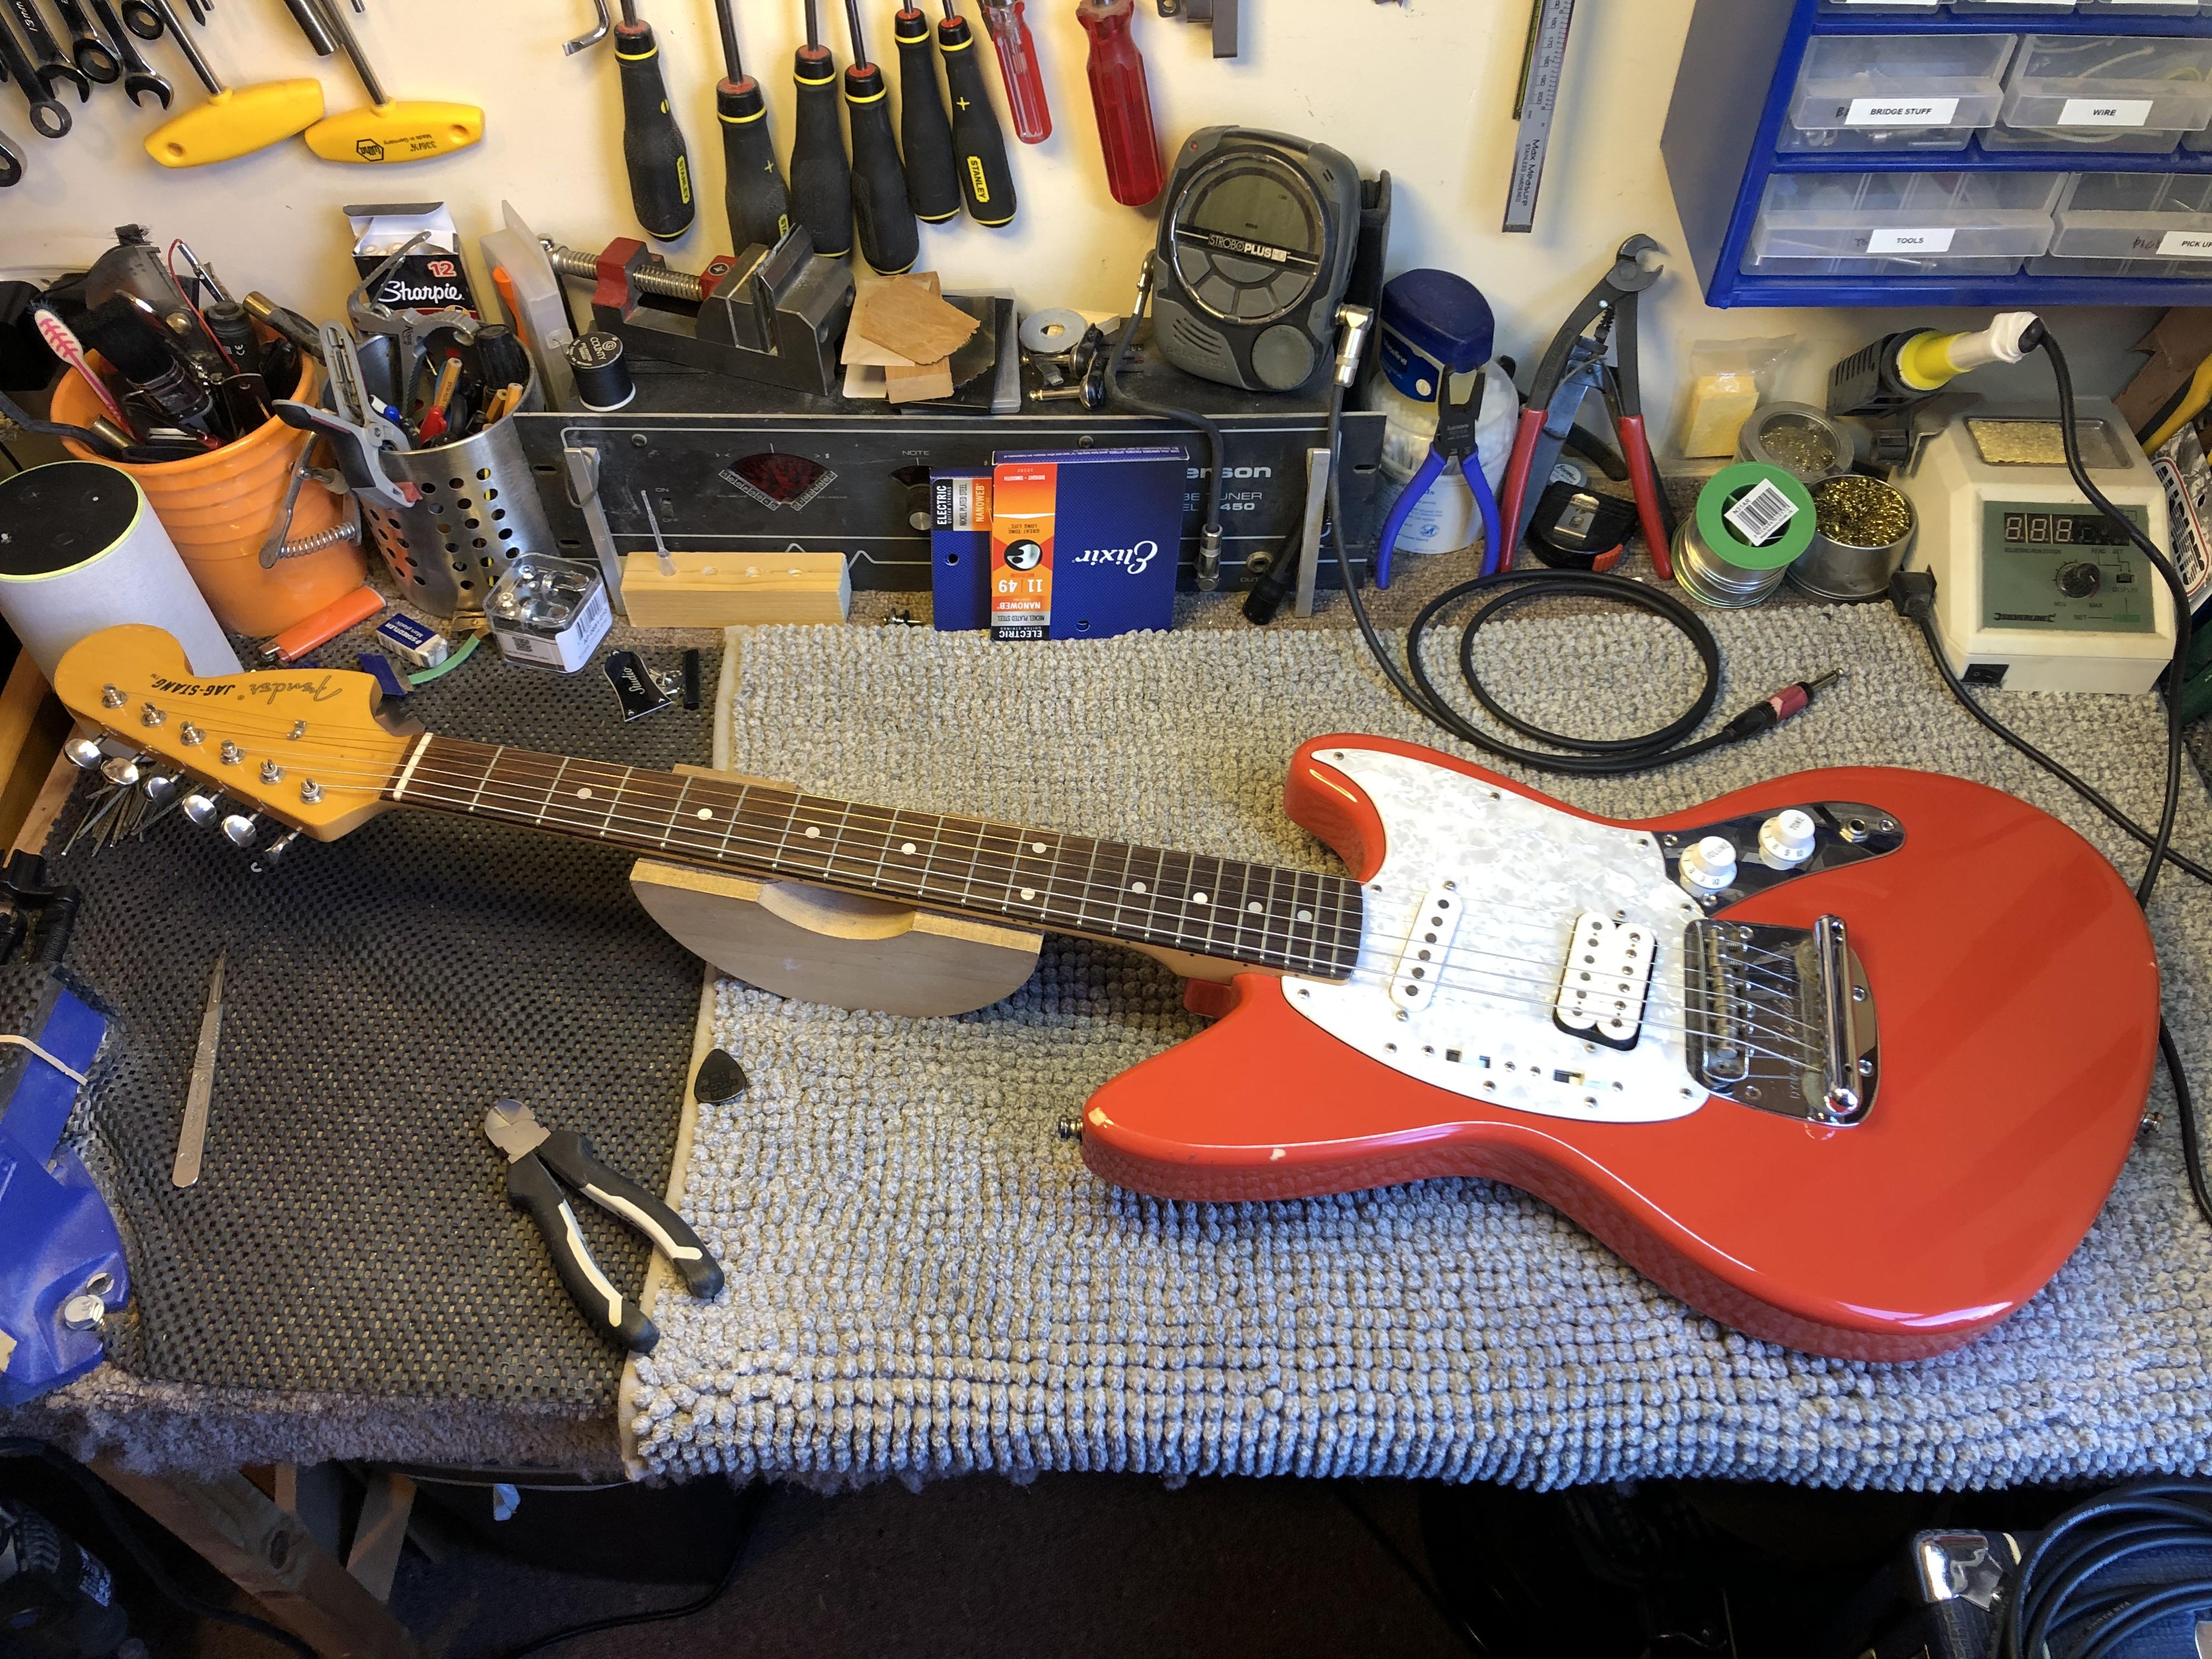 Fender Jag-stang Setup + Wiring Repair